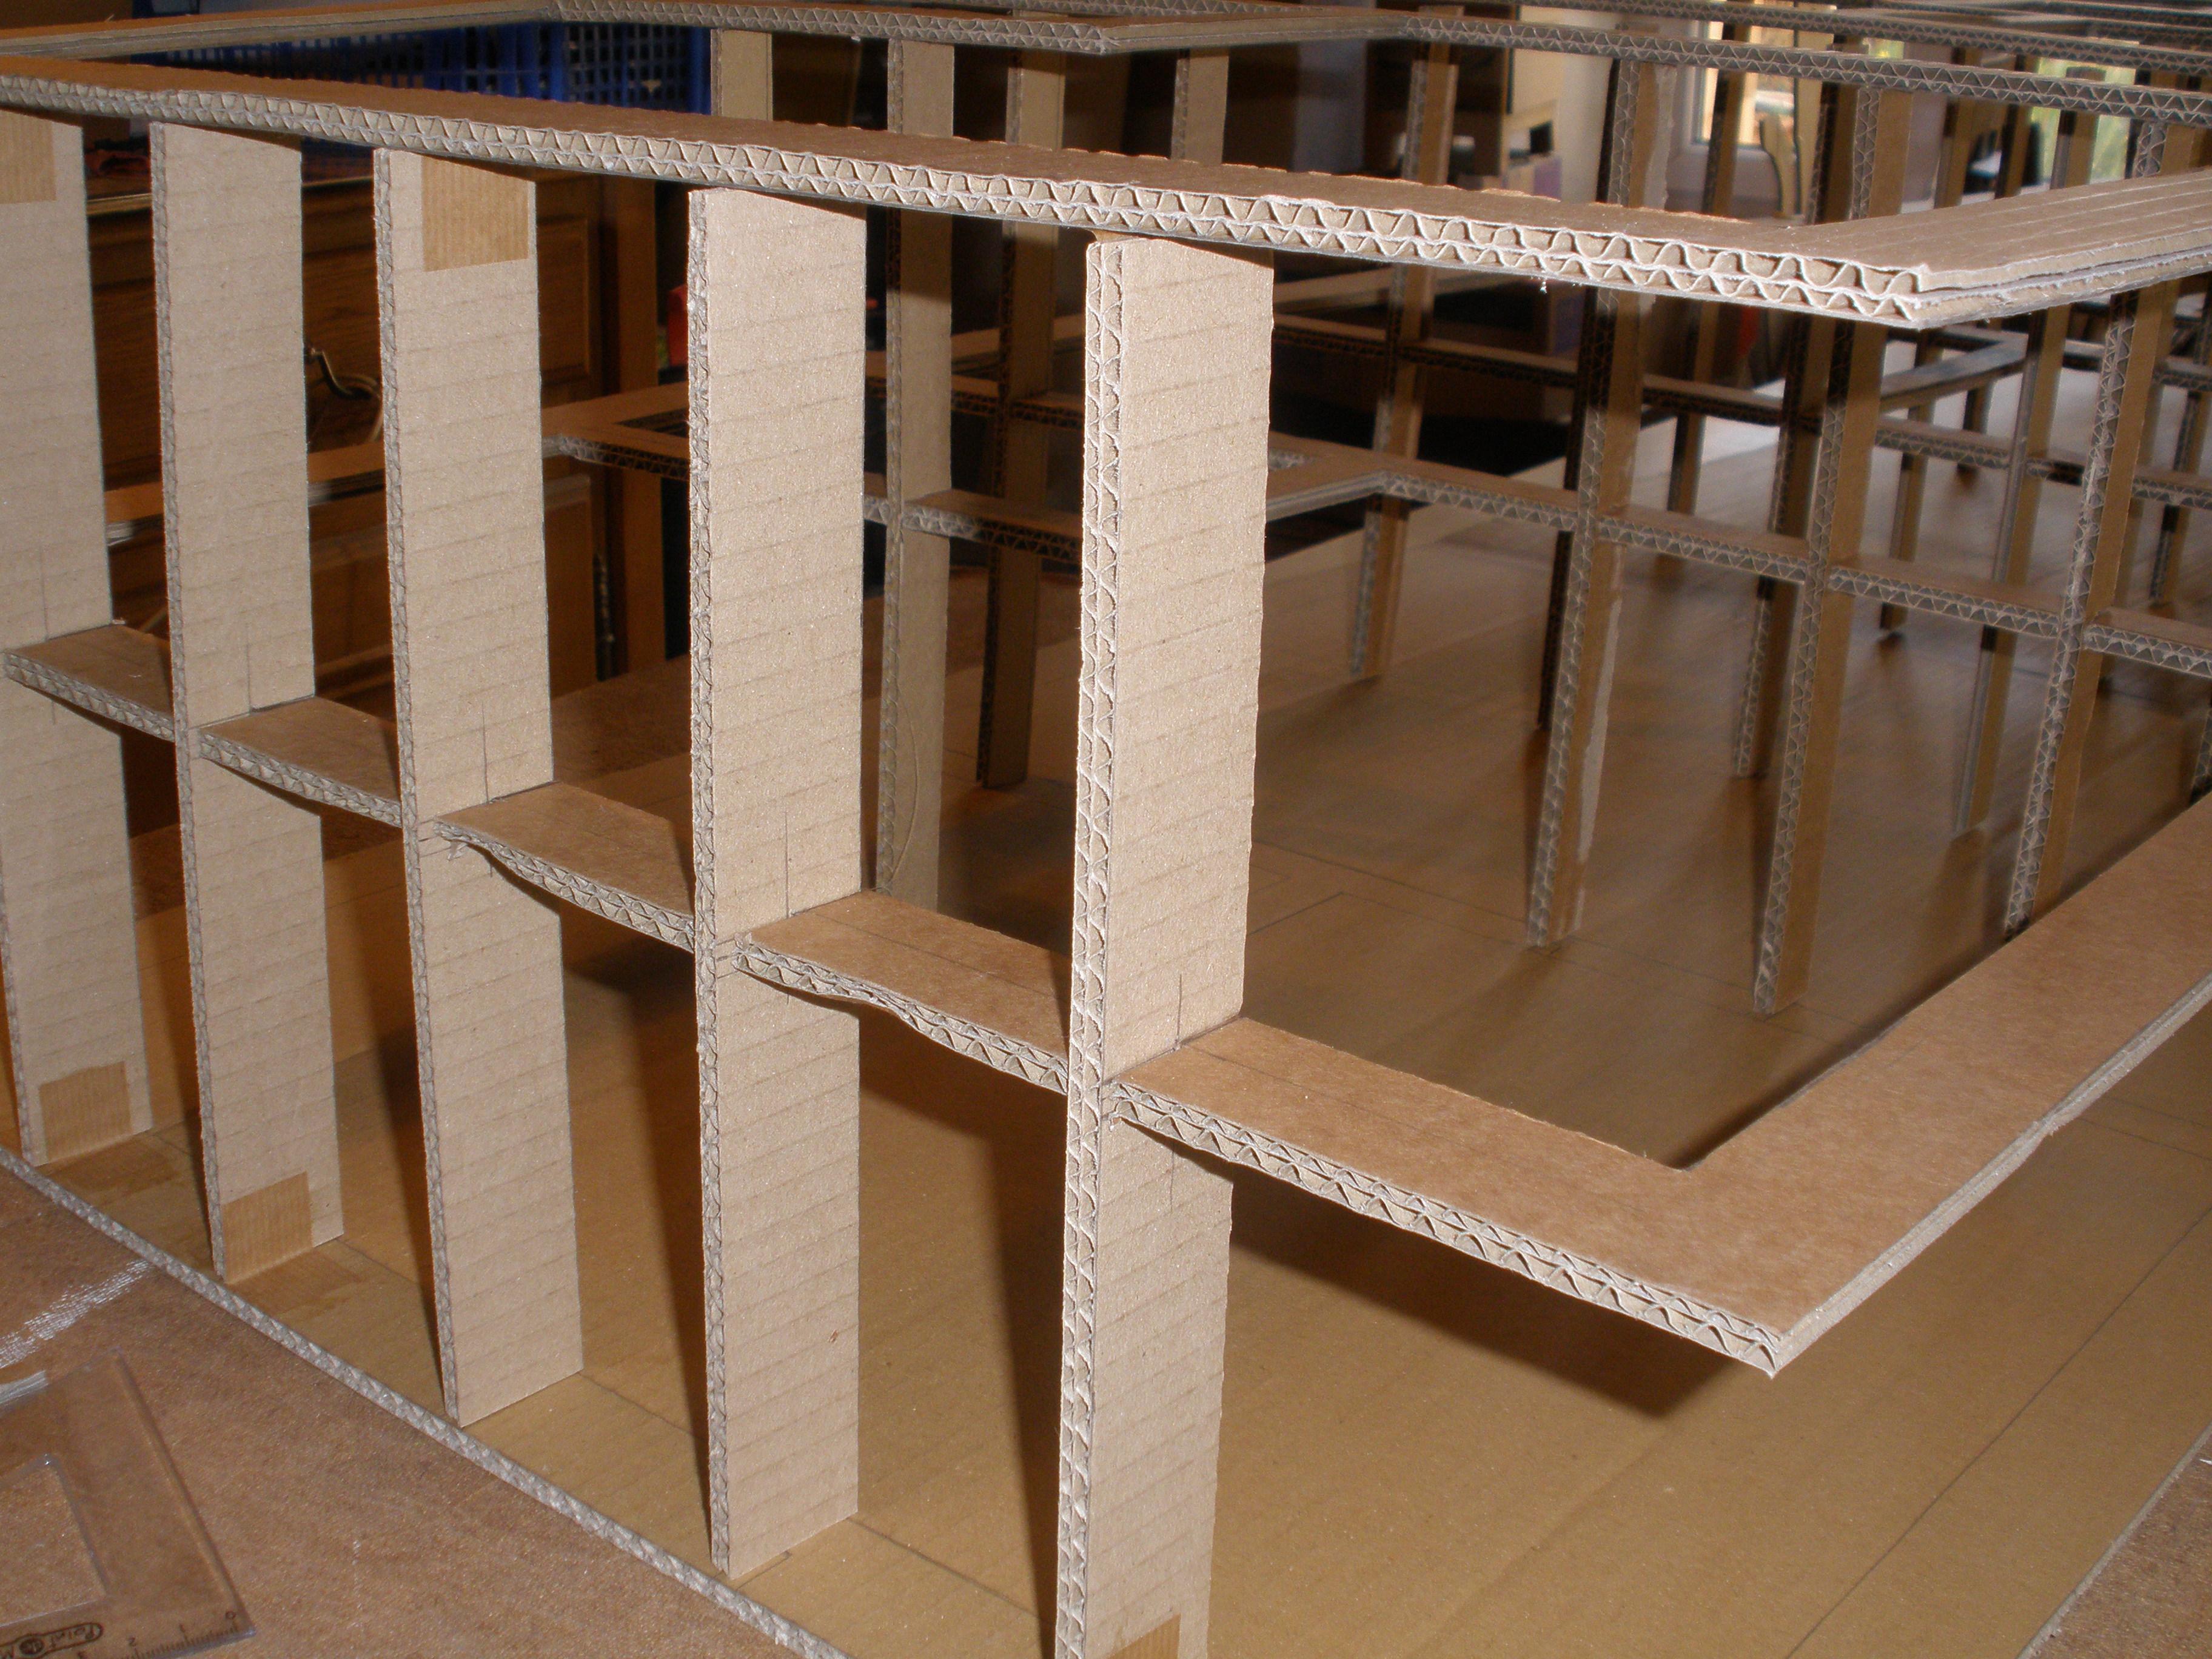 Squelette d'une bibliothèque en carton. Technique des traverses croisées.